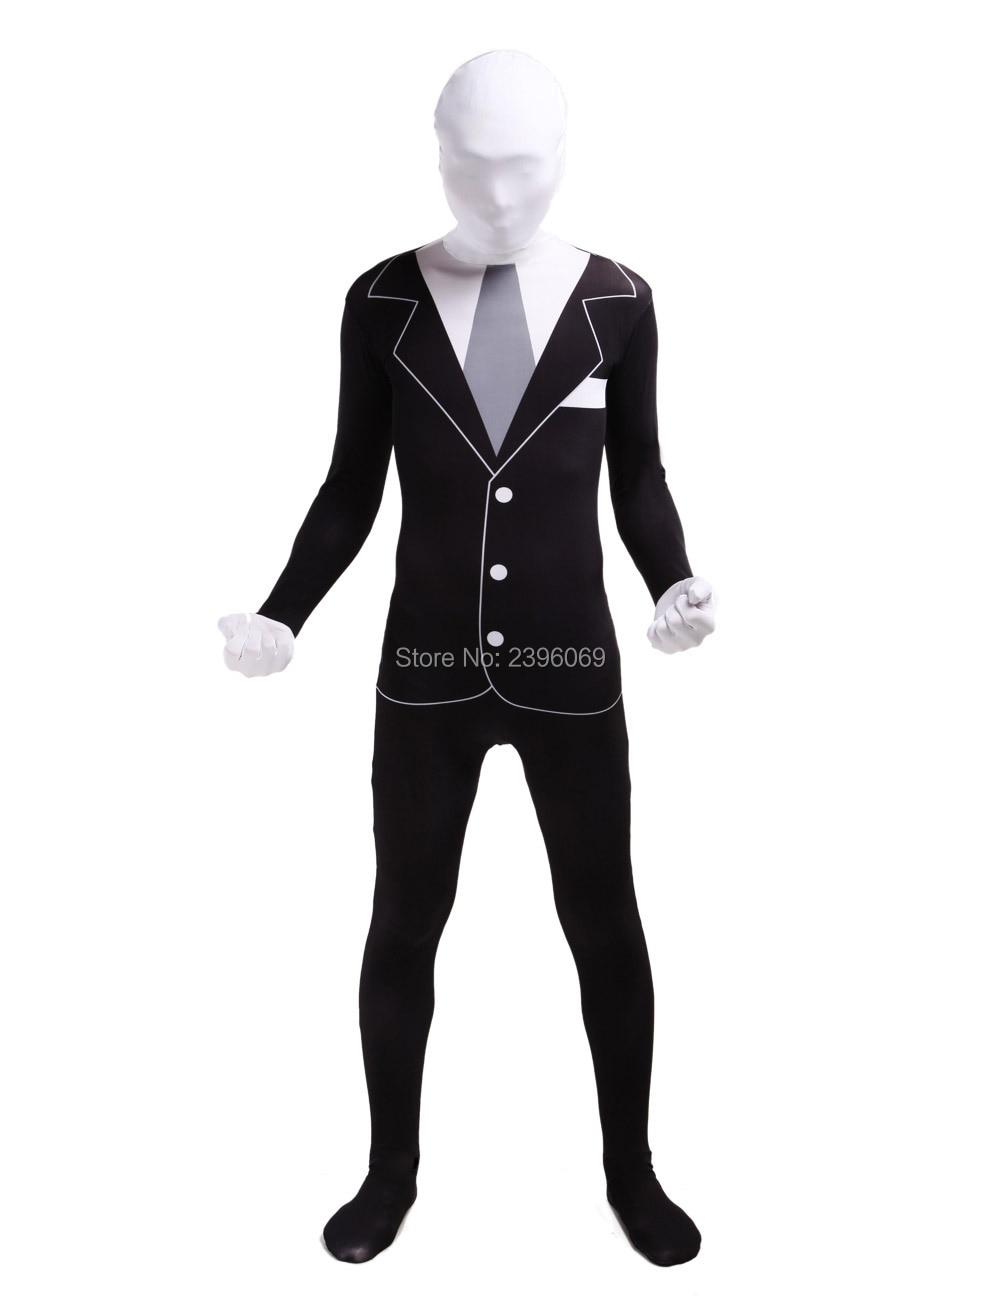 LS002 Black And White Gentleman Zentai Suit Full Body Gentleman Cosplay Zenai Fetish Suits Halloween